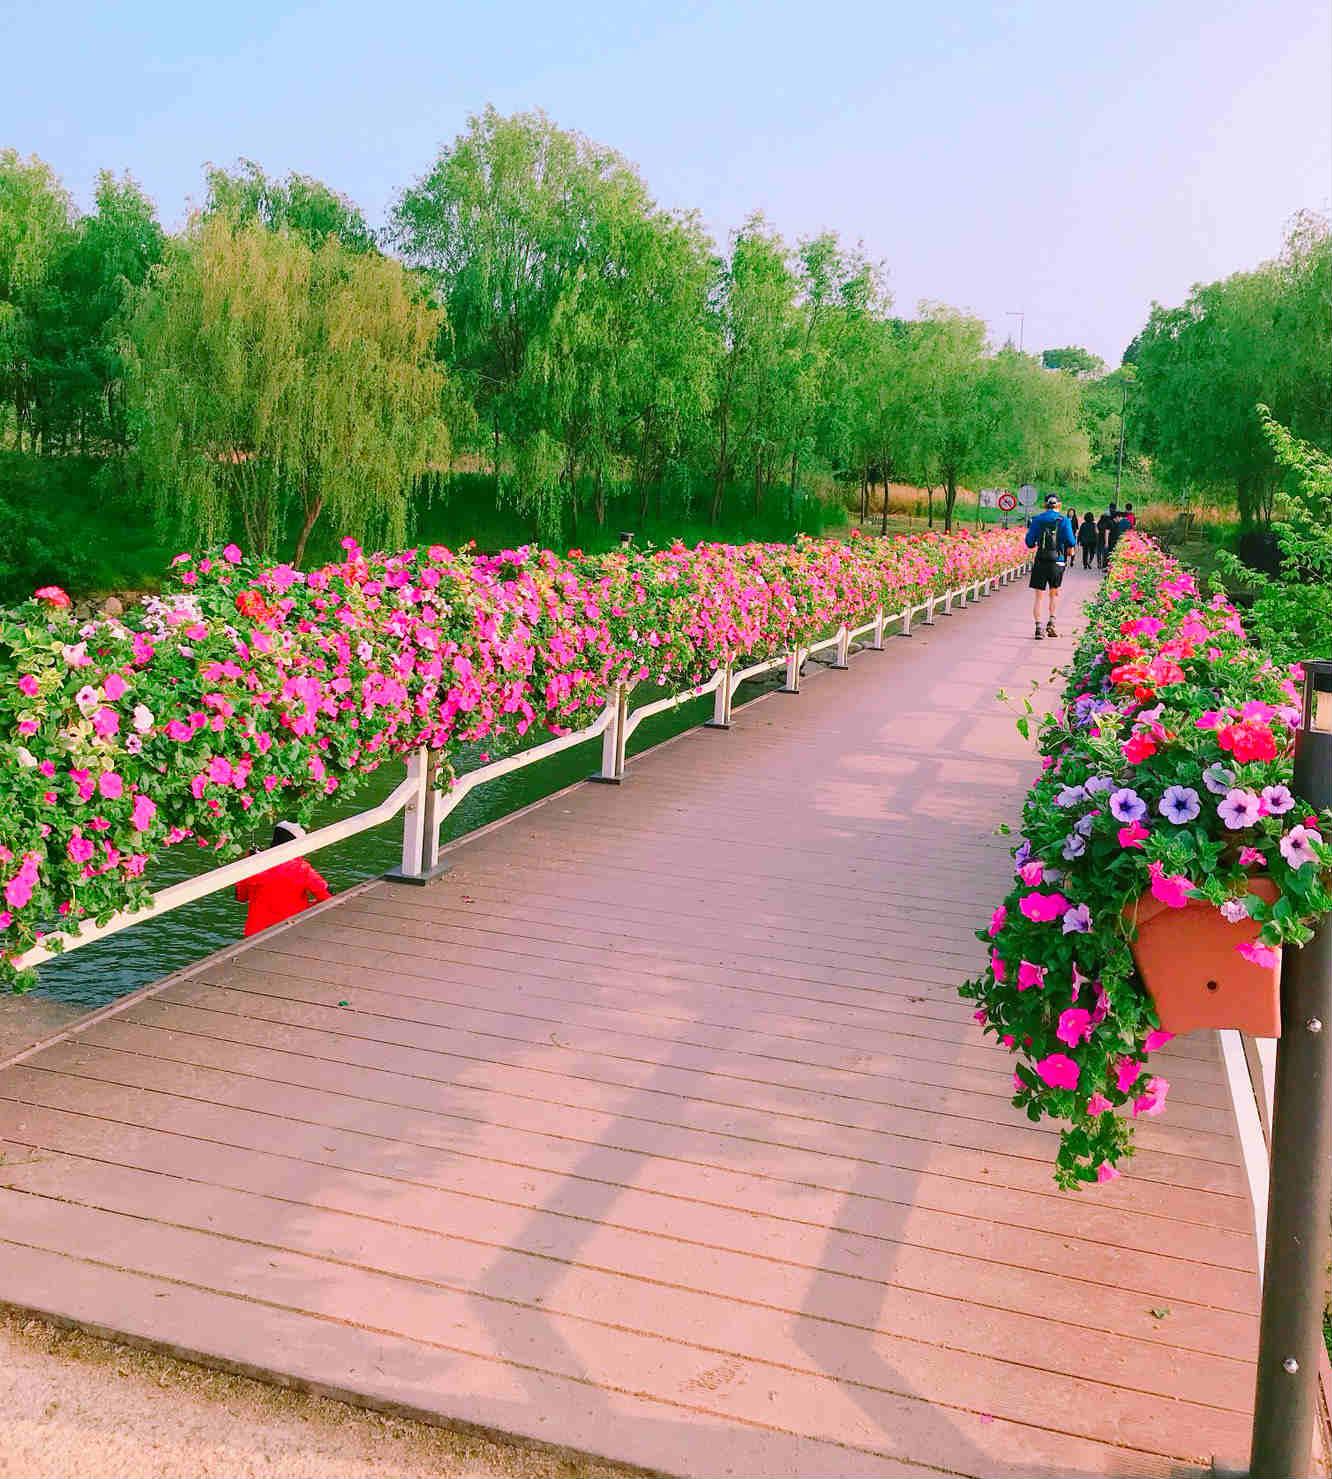 另外,漢江公園與瑞來島之間,是由一座小橋連接而成的,這條小橋也被裝飾得非常漂亮喔!